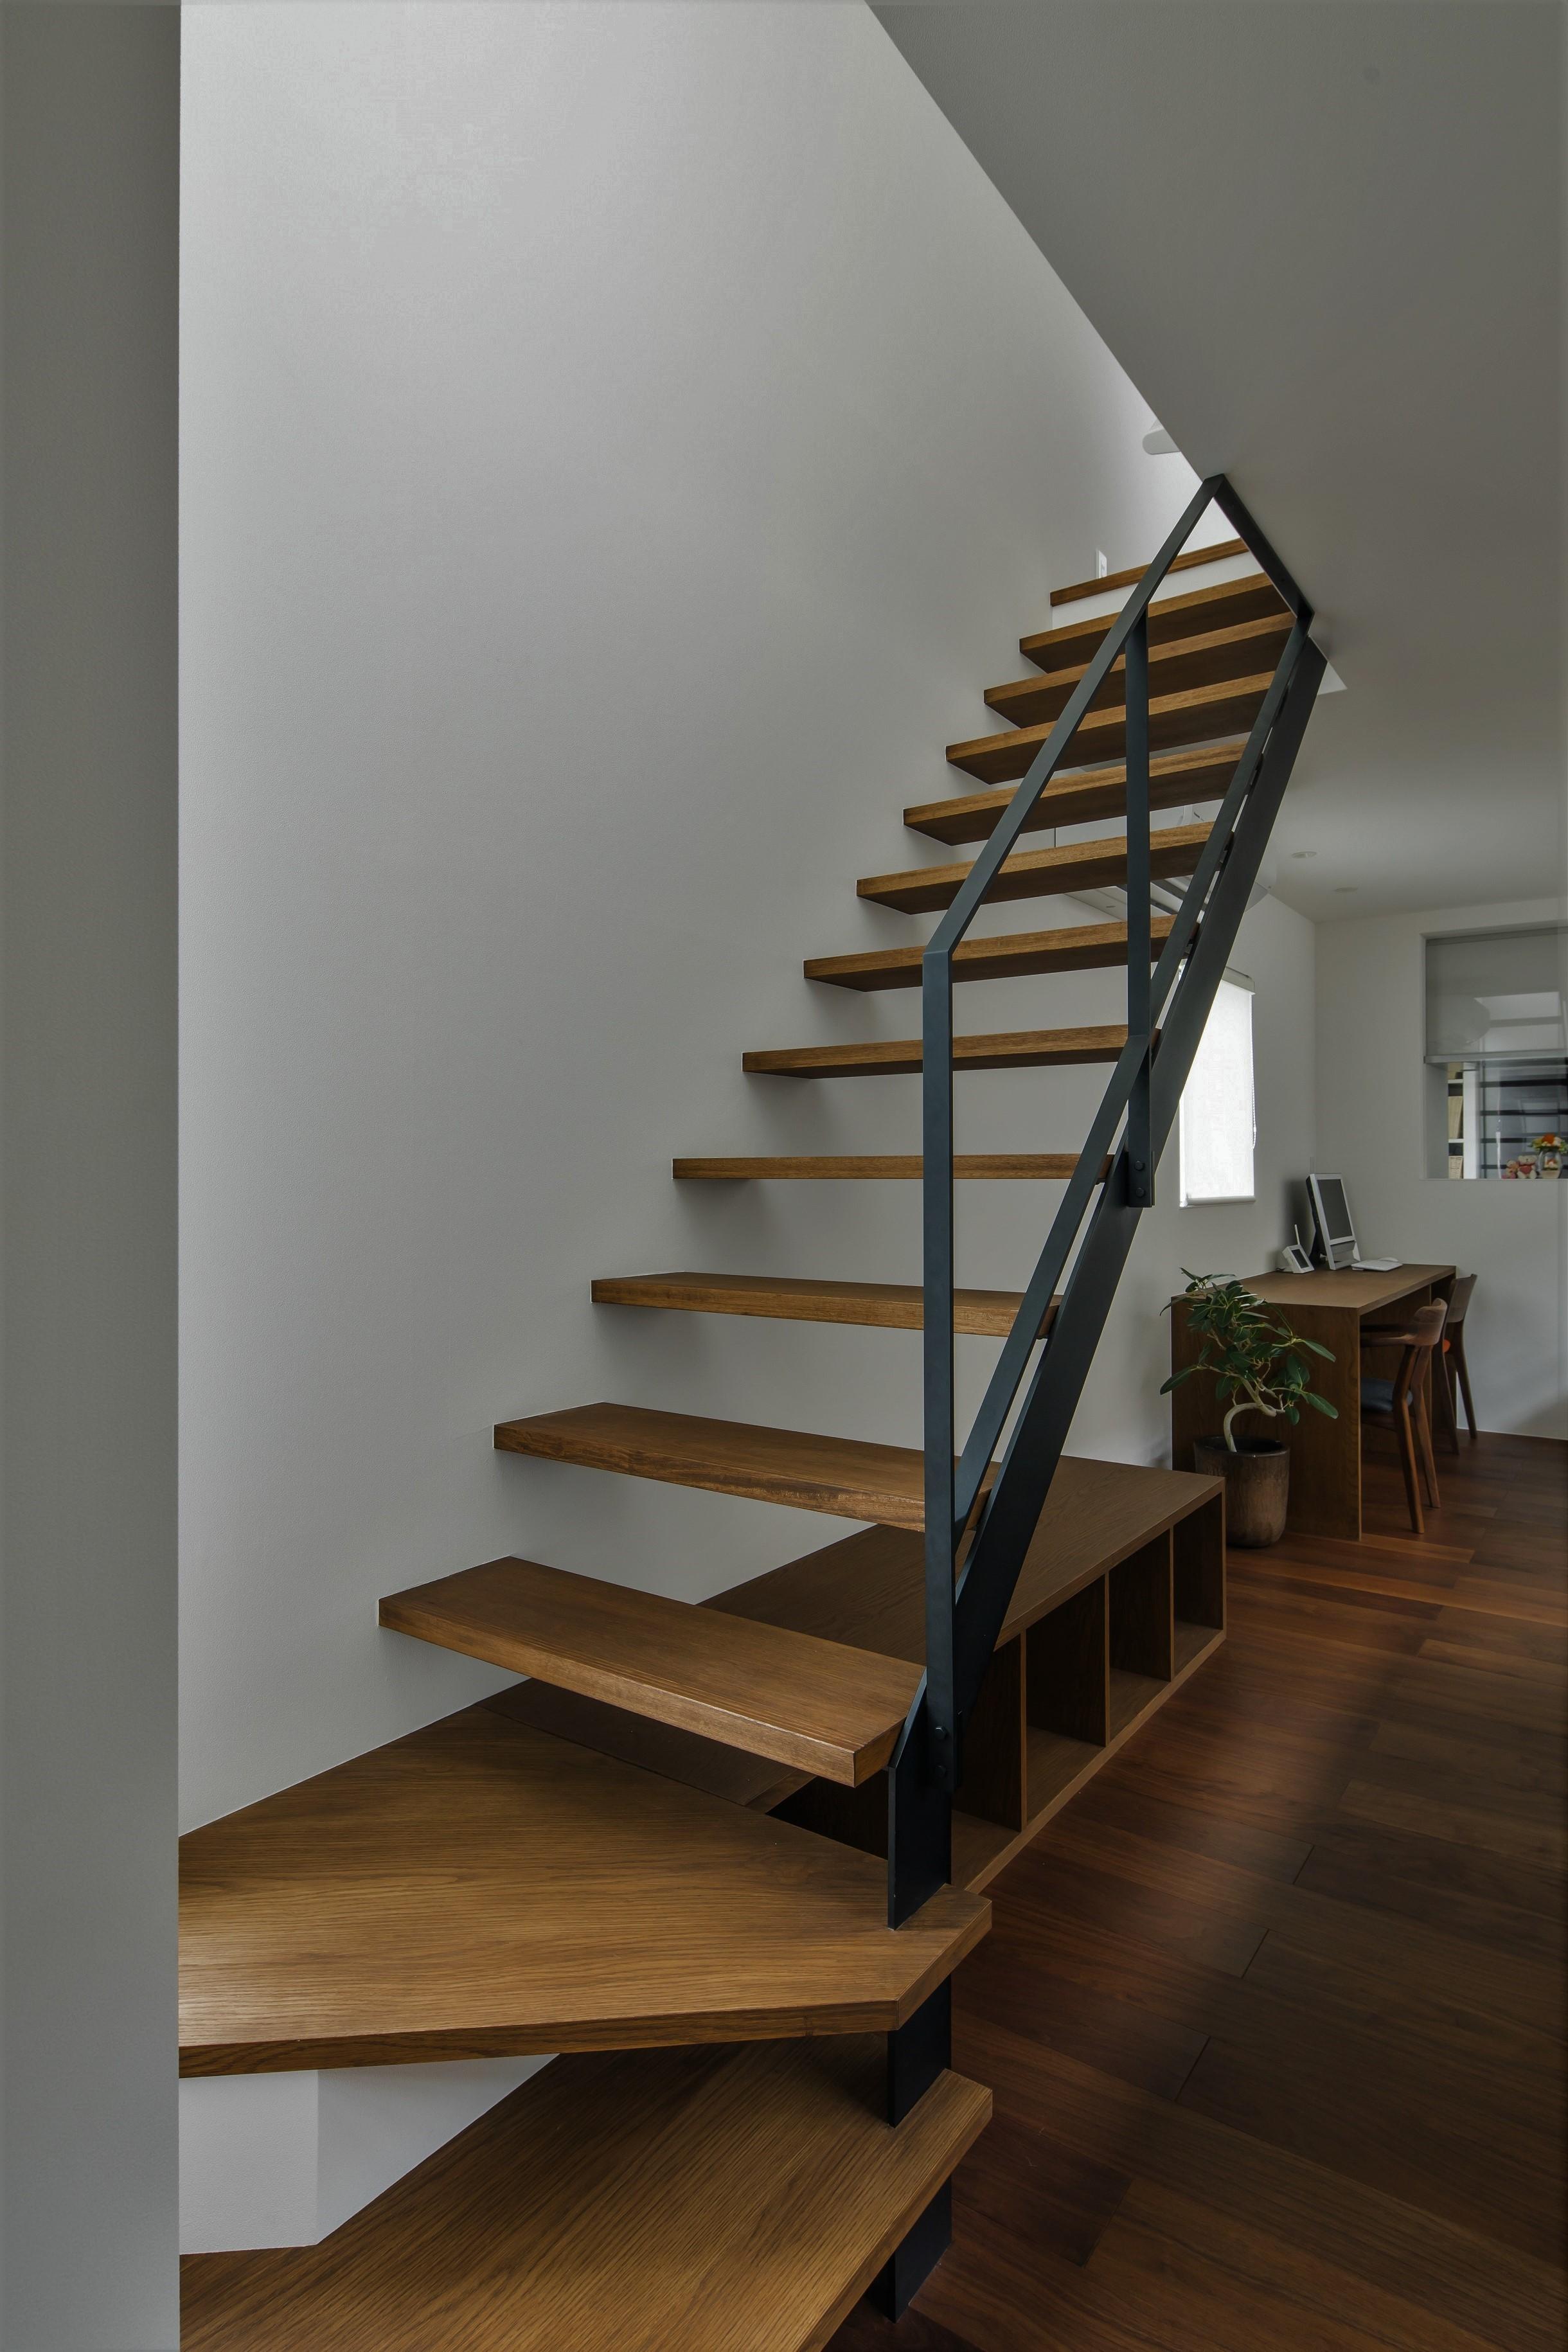 その他事例:ストリップ階段(プライバシーを確保しながら光を取り入れる美術館のような家(石部東の家))